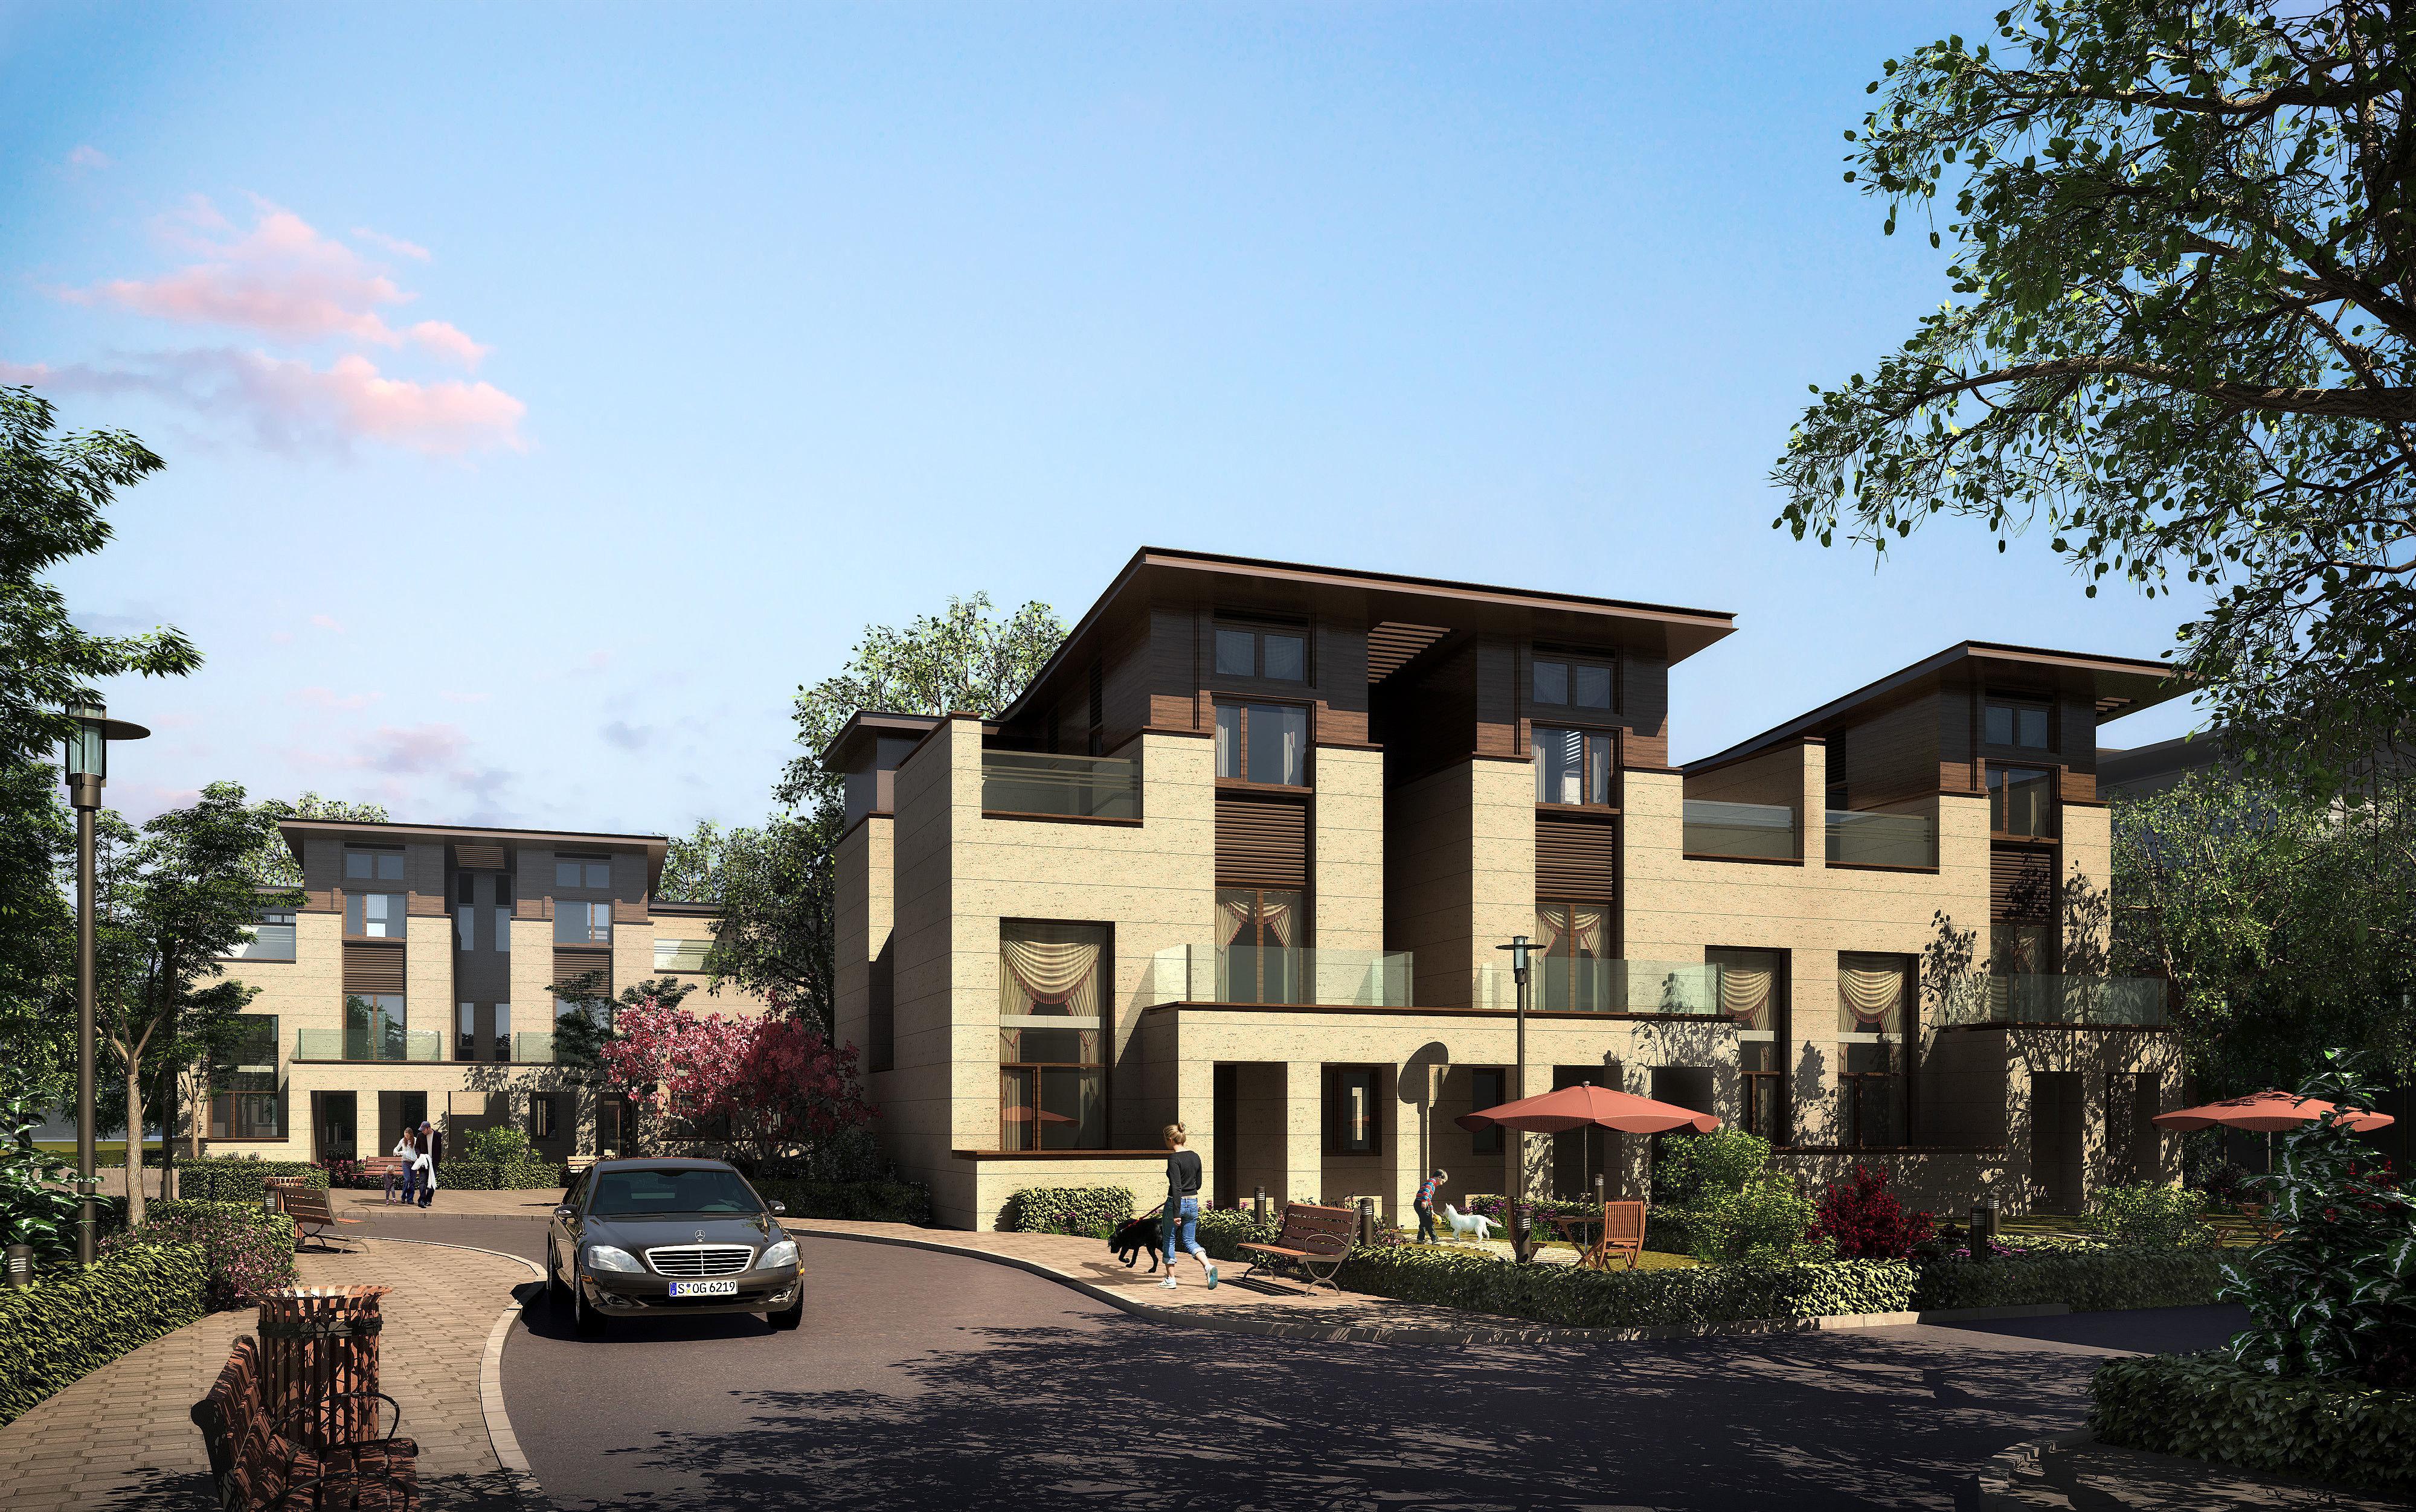 Modern Suburban Living House 3D Model M Grader.com - ^